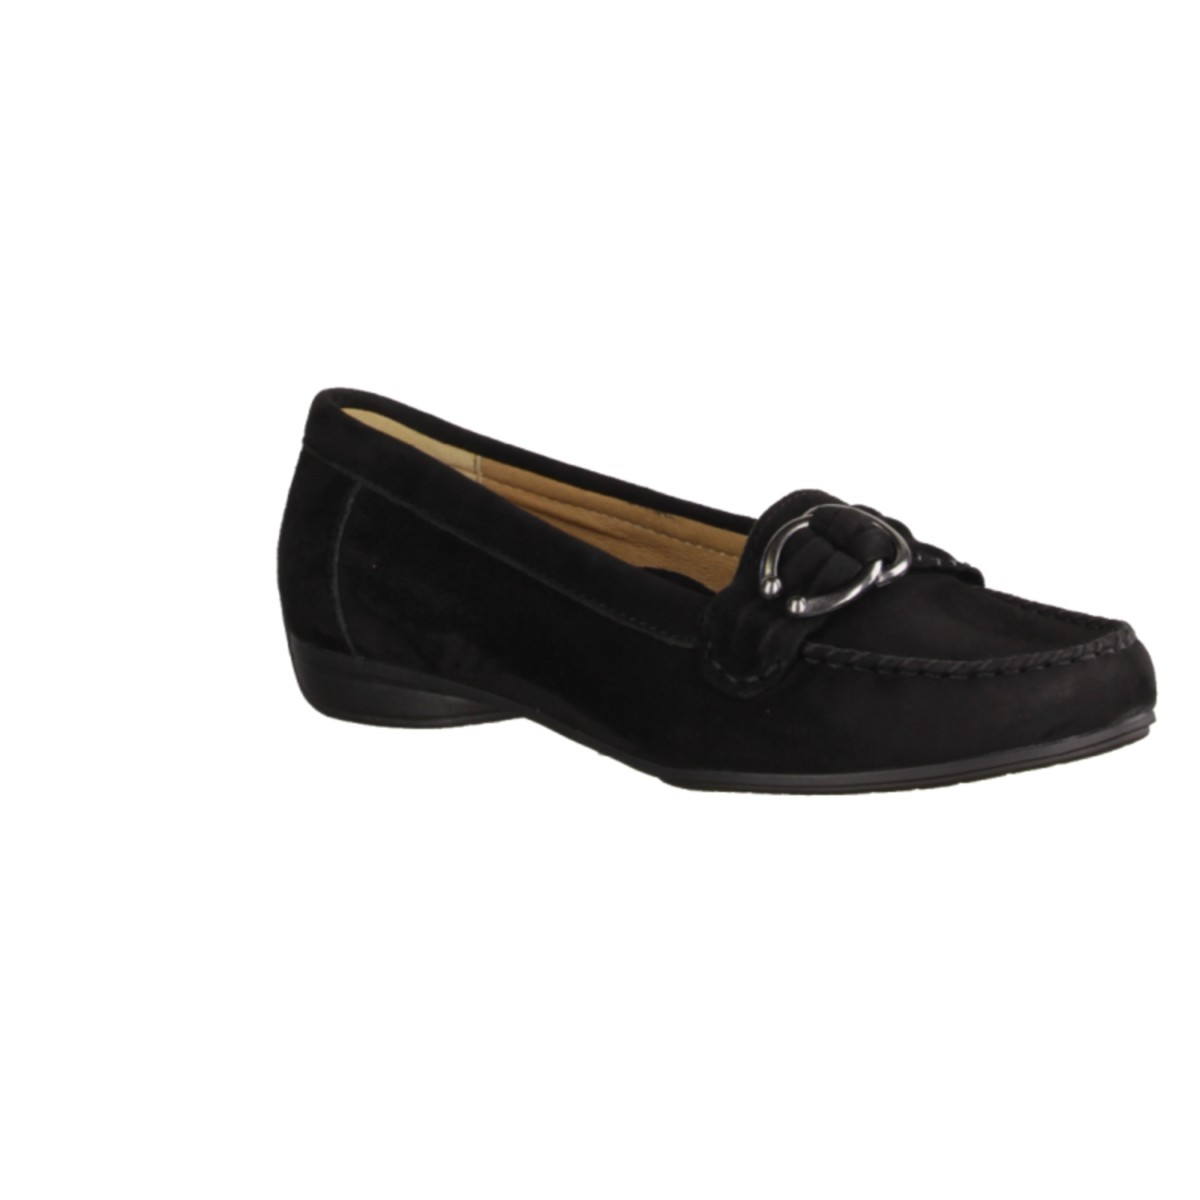 Gabor 74211 17 Womens chaussures pantoufles / Trotteur, noir hauteur